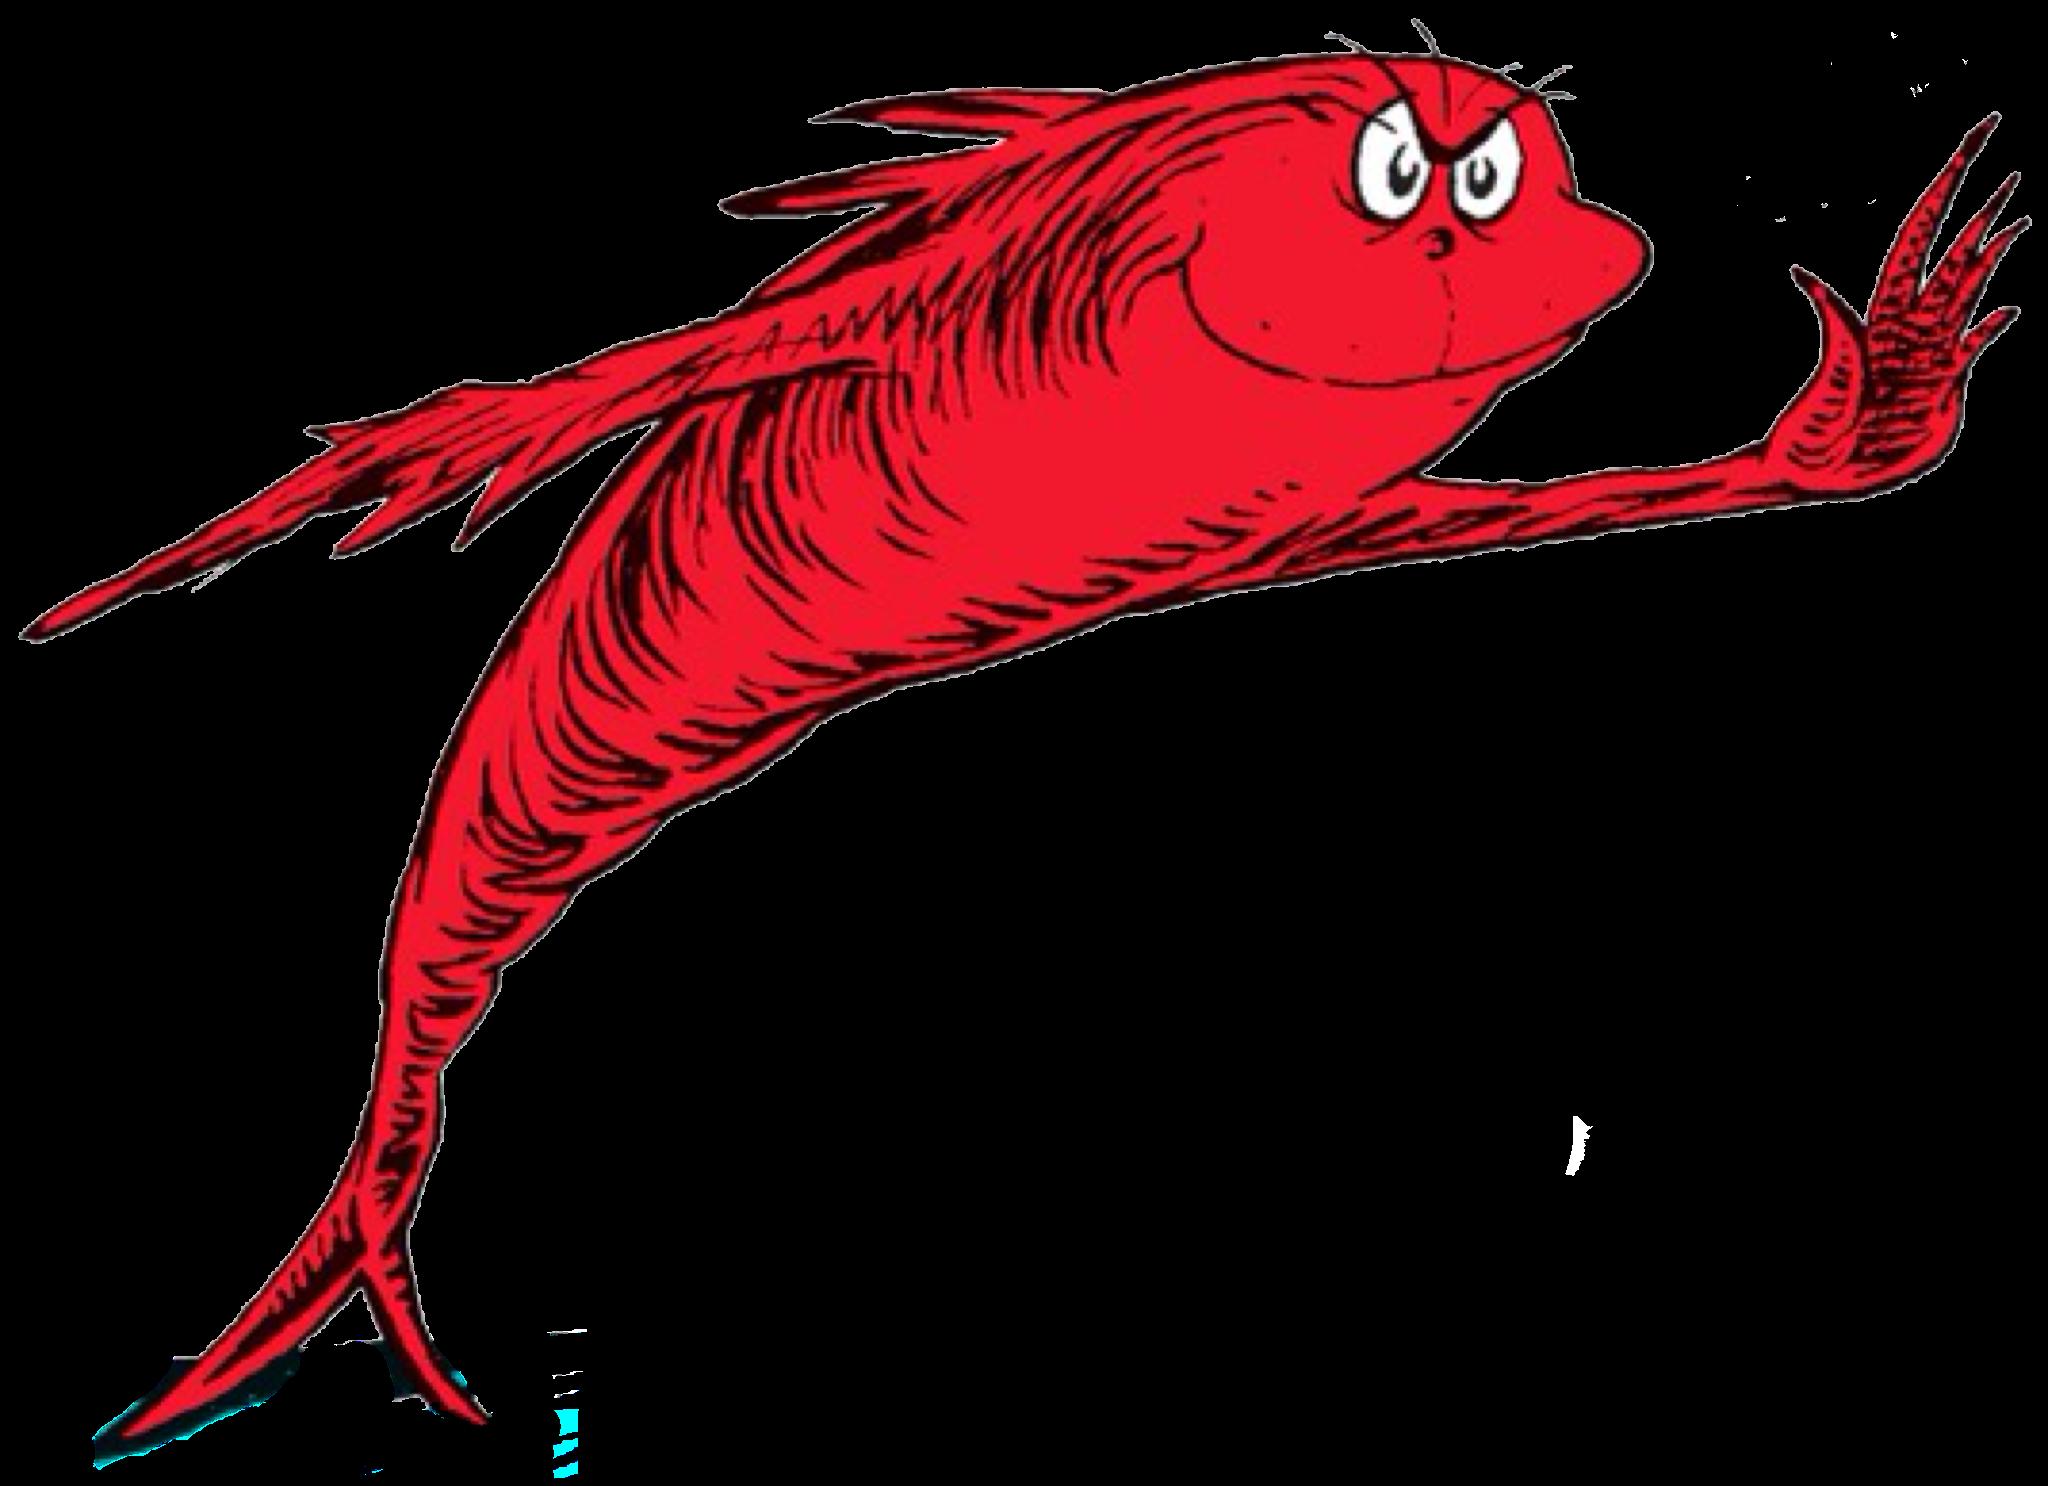 Very Bad Fish